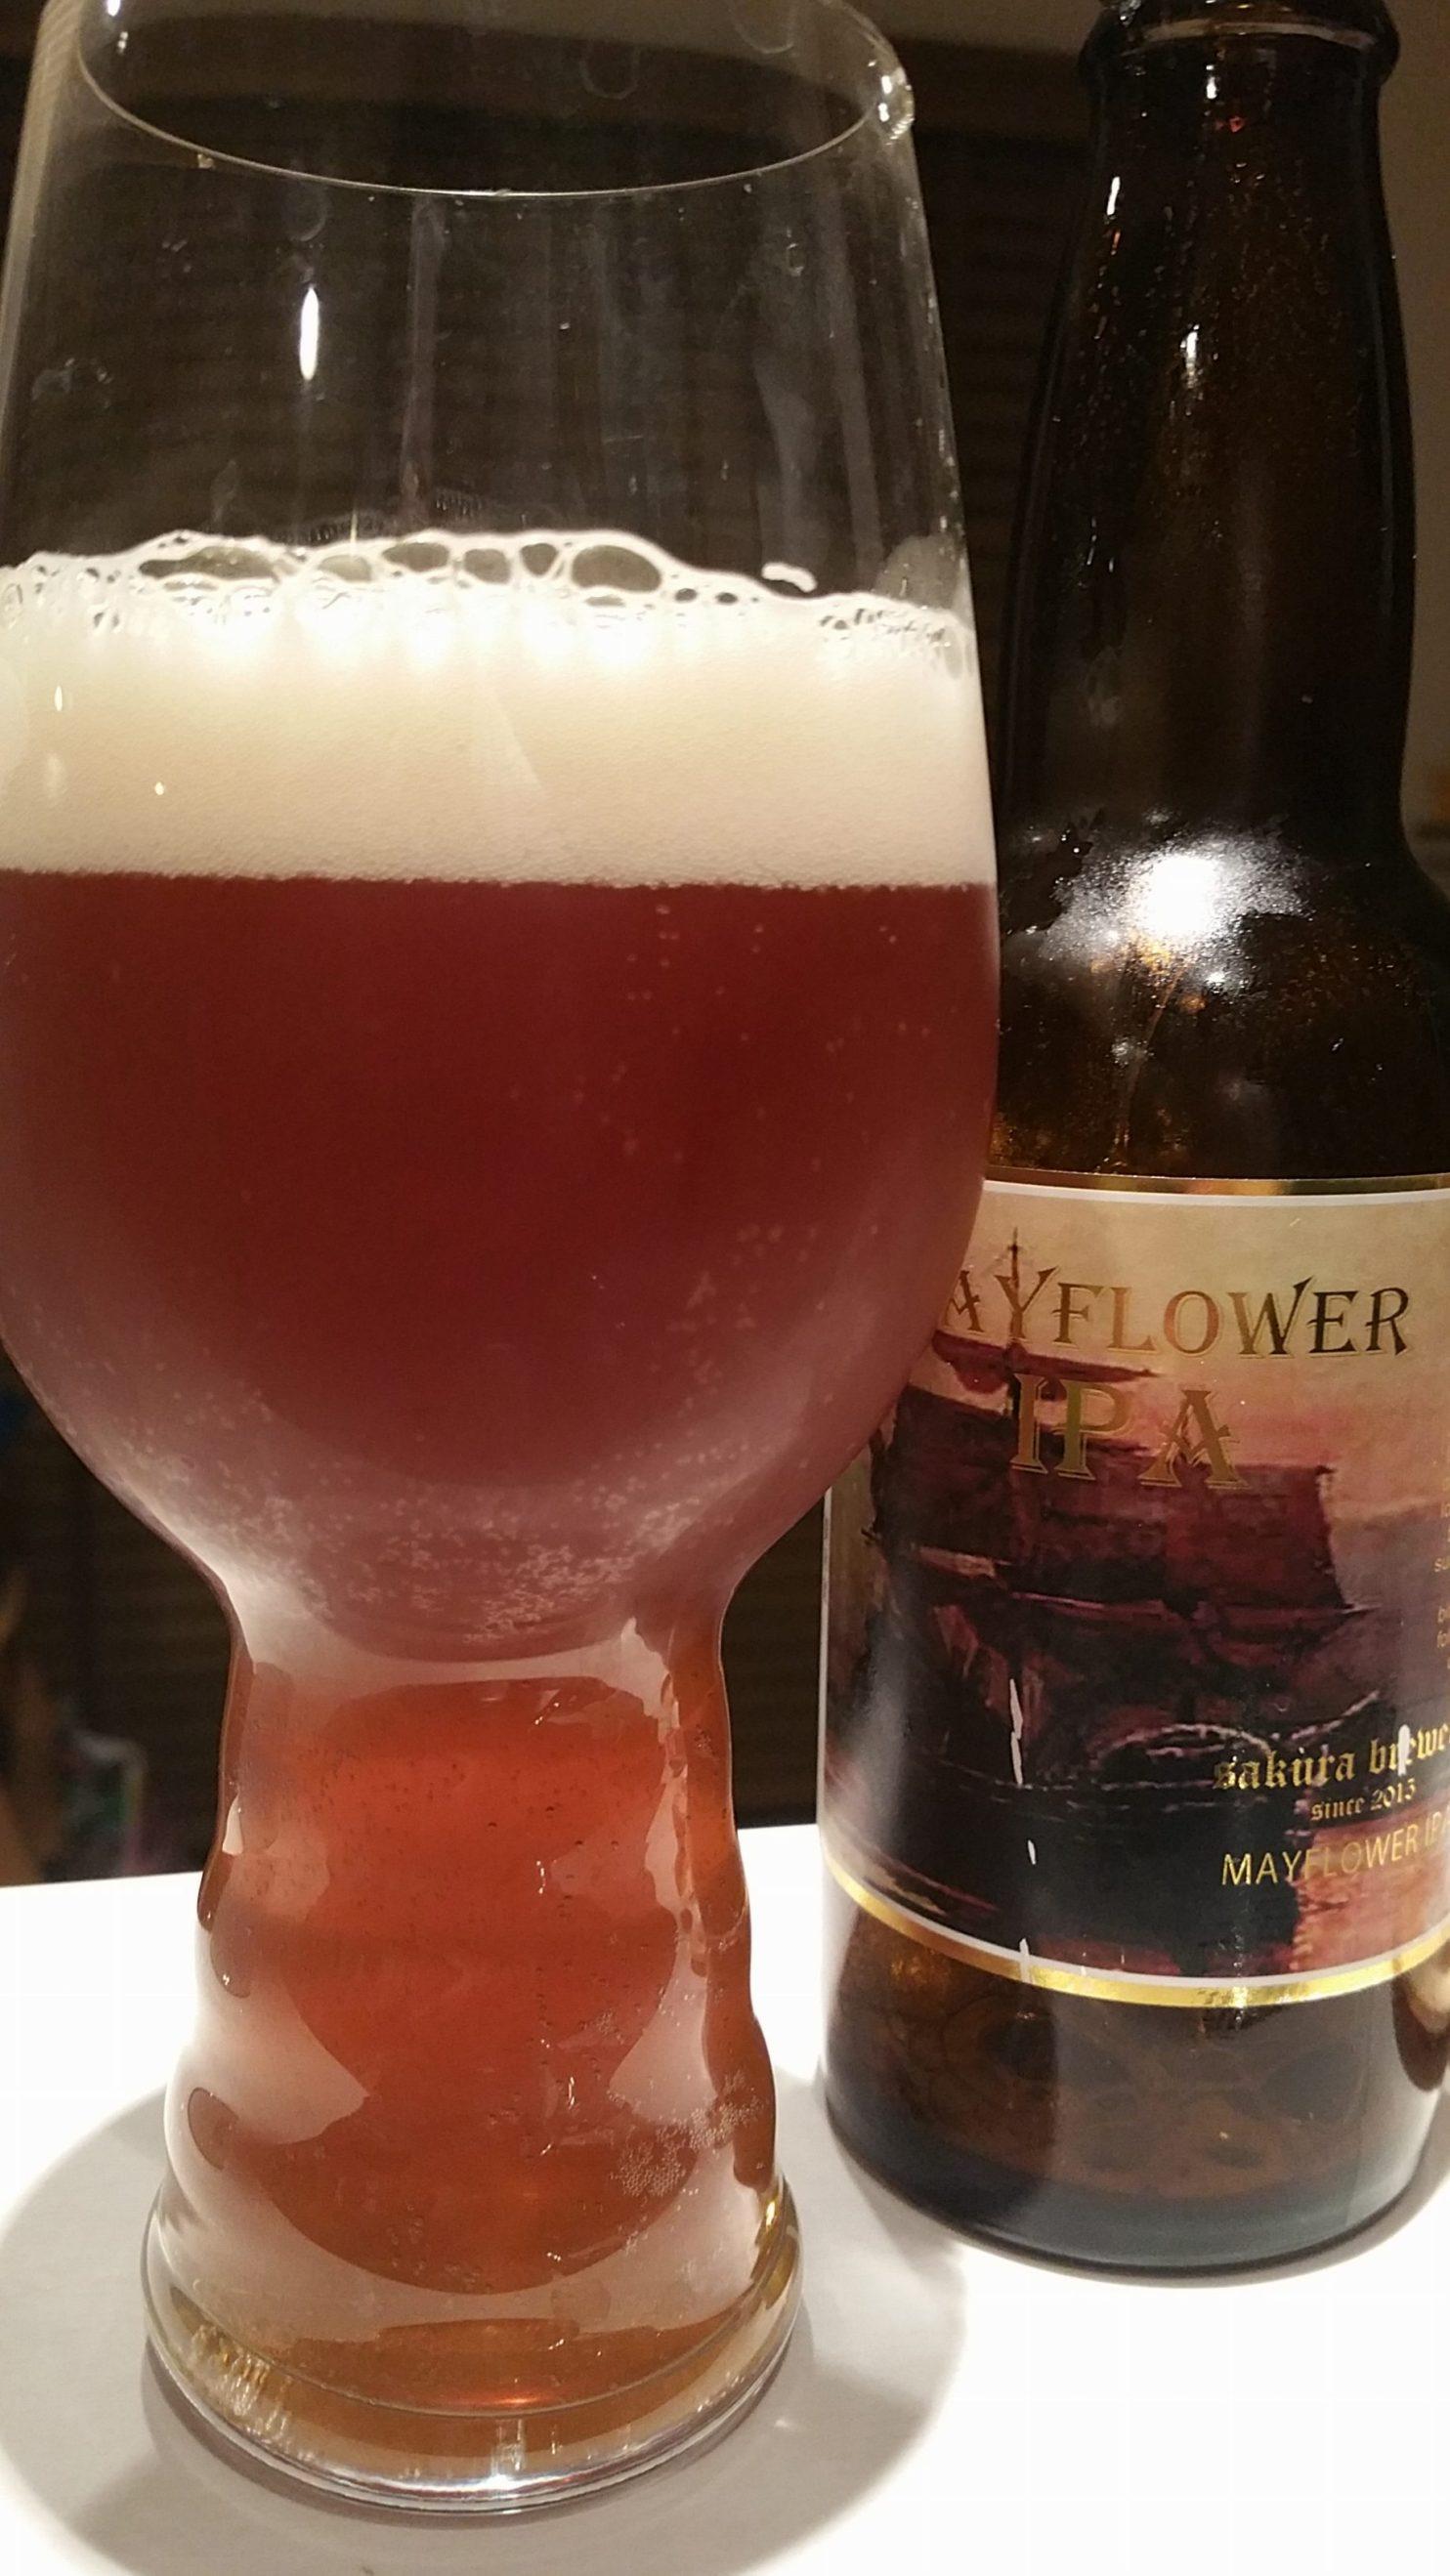 Sakura Mayflower IPA